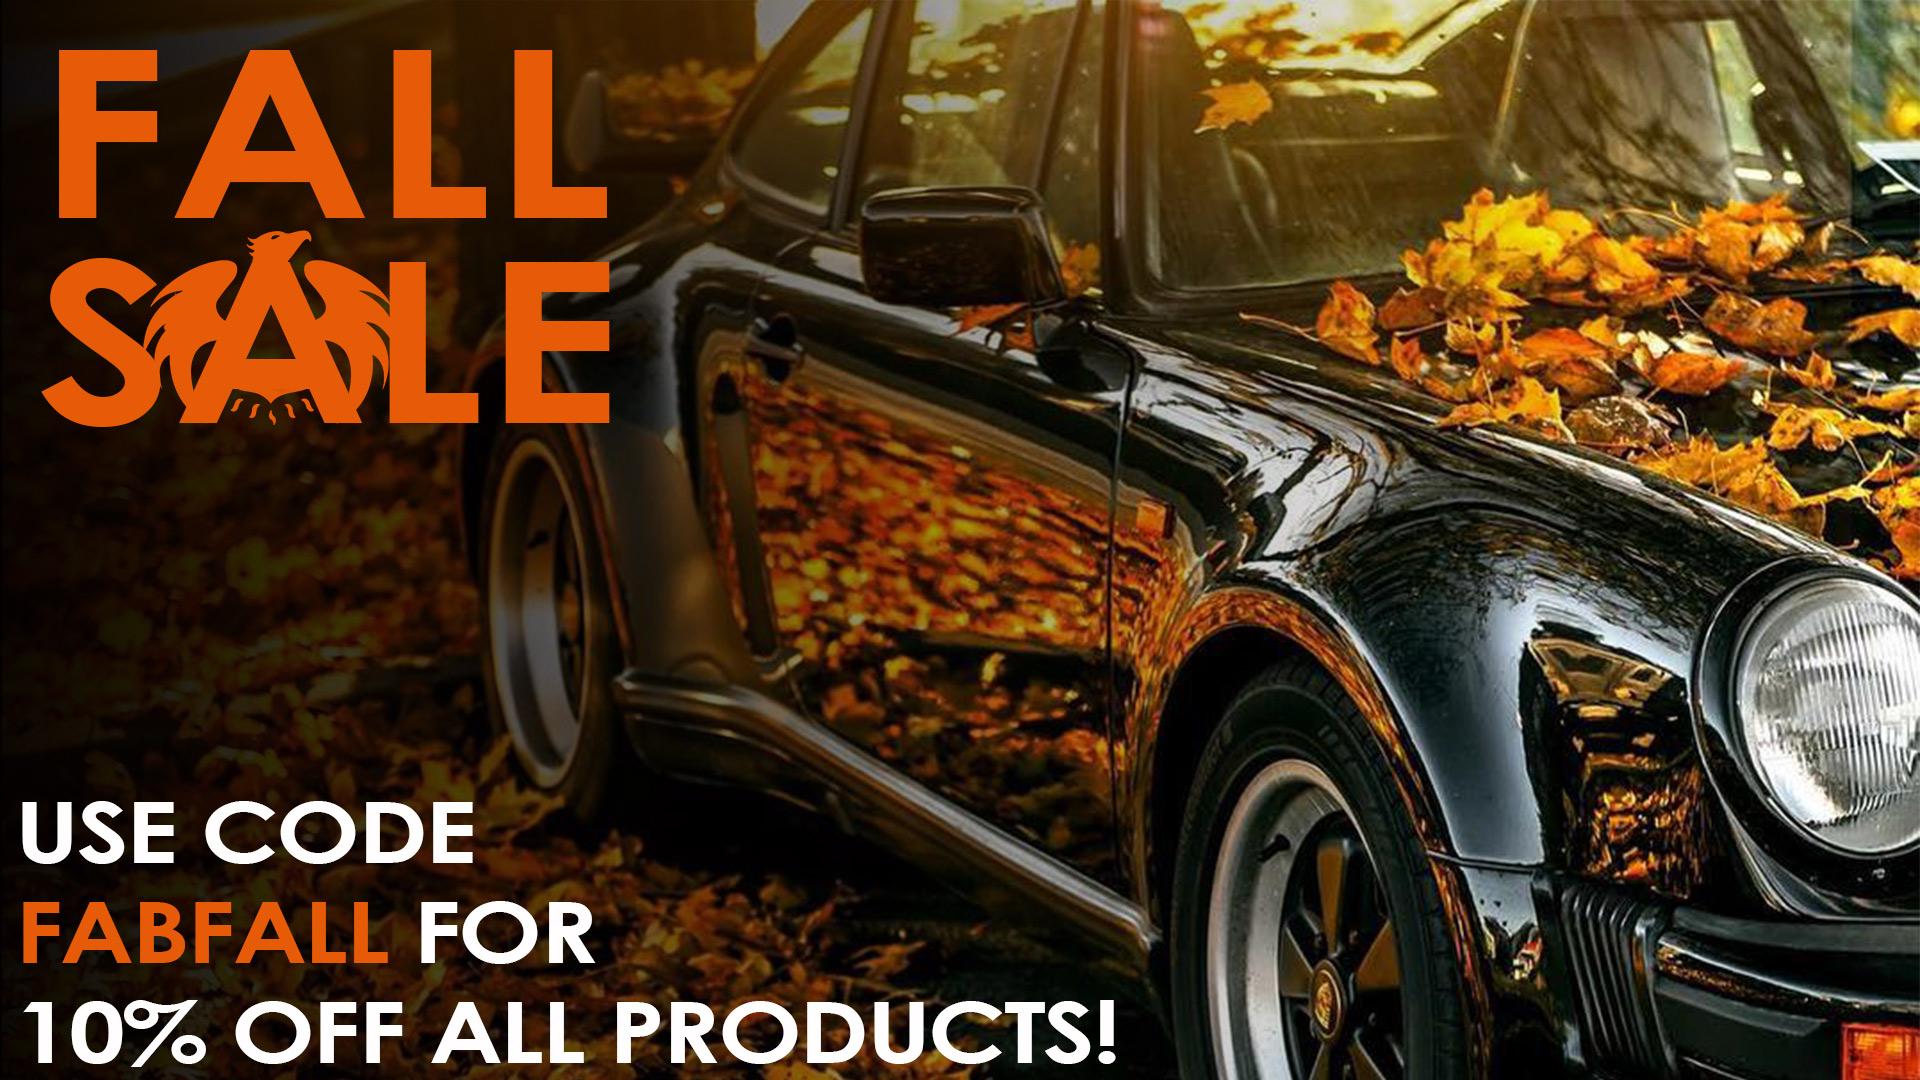 fall-sale-2018-social-media-withcode.jpg